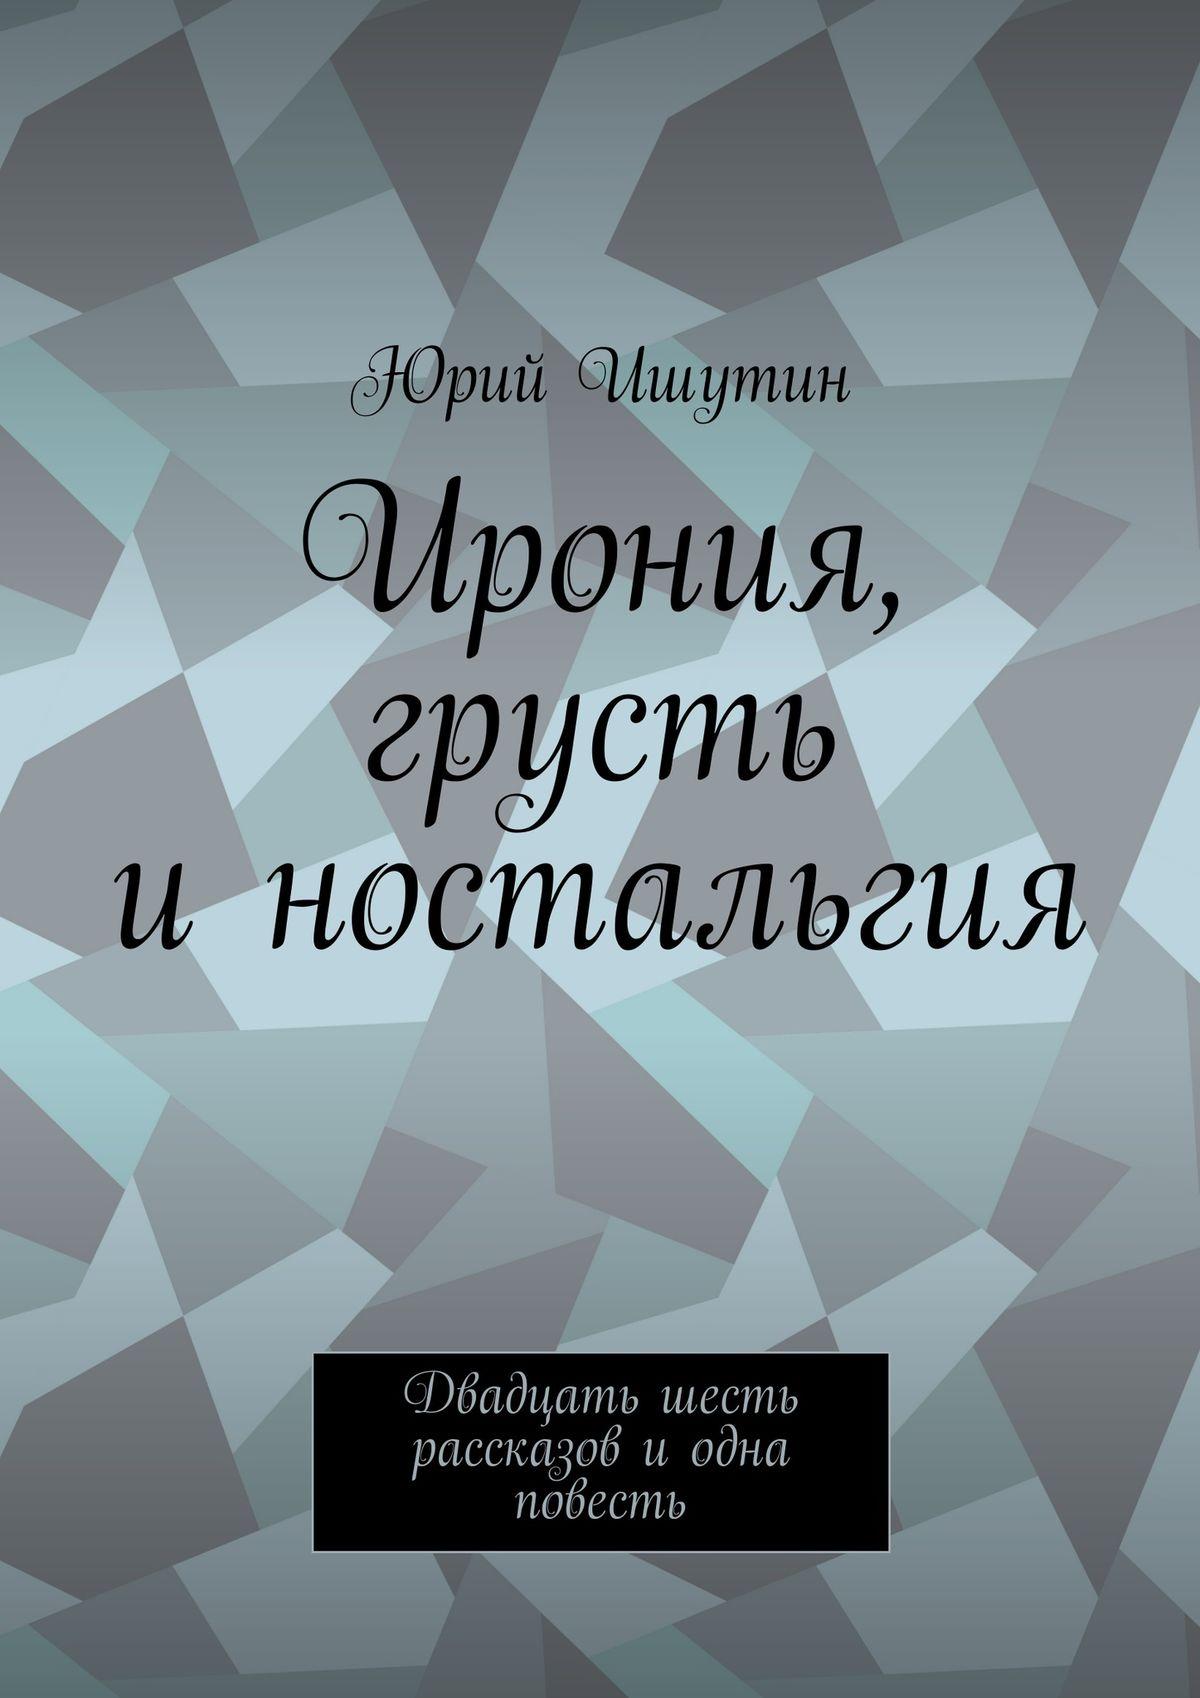 Юрий Ишутин Ирония, грусть иностальгия. Двадцать шесть рассказов иодна повесть